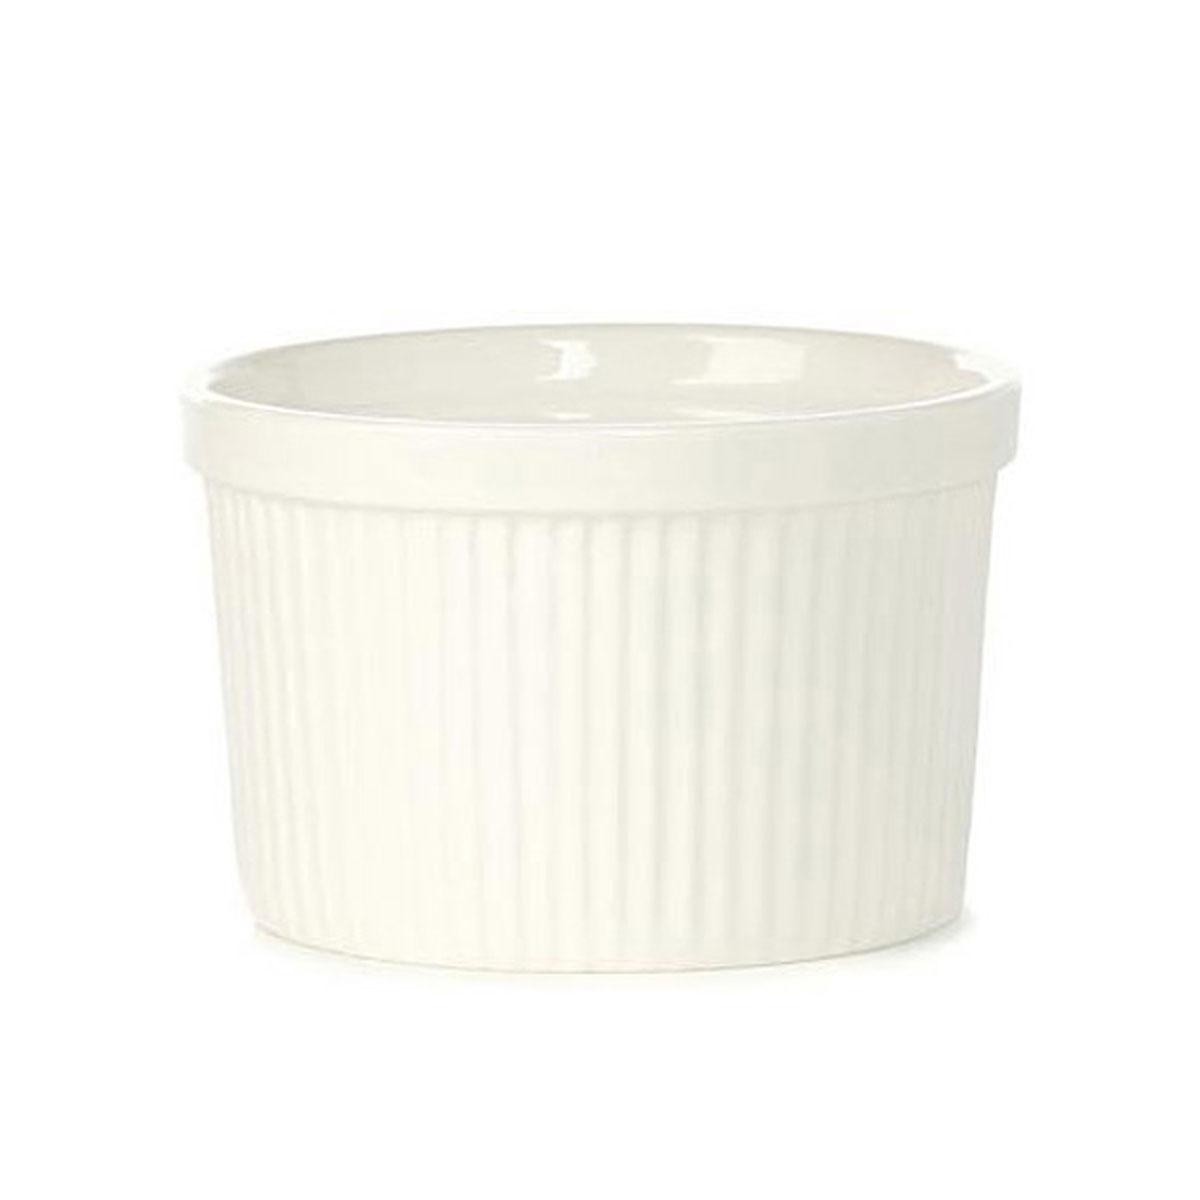 Порционная форма для выпечки BergHOFF Bianco, круглая, цвет: белый, диаметр 9 см1691237Порционная форма для выпечки BergHOFF Bianco изготовлена из высококачественного фарфора с глазурованной поверхностью. Форму можно использовать для приготовления блюд, таких как крем-брюле, жульен, маффины и прочее. Изделие термоустойчиво, поверхность сохраняет свой цвет, а пища естественный аромат. Материал мягко проводит тепло для равномерного запекания. Подходит для мытья в посудомоечной машине. Диаметр формы: 9 см. Высота формы: 4,5 см.